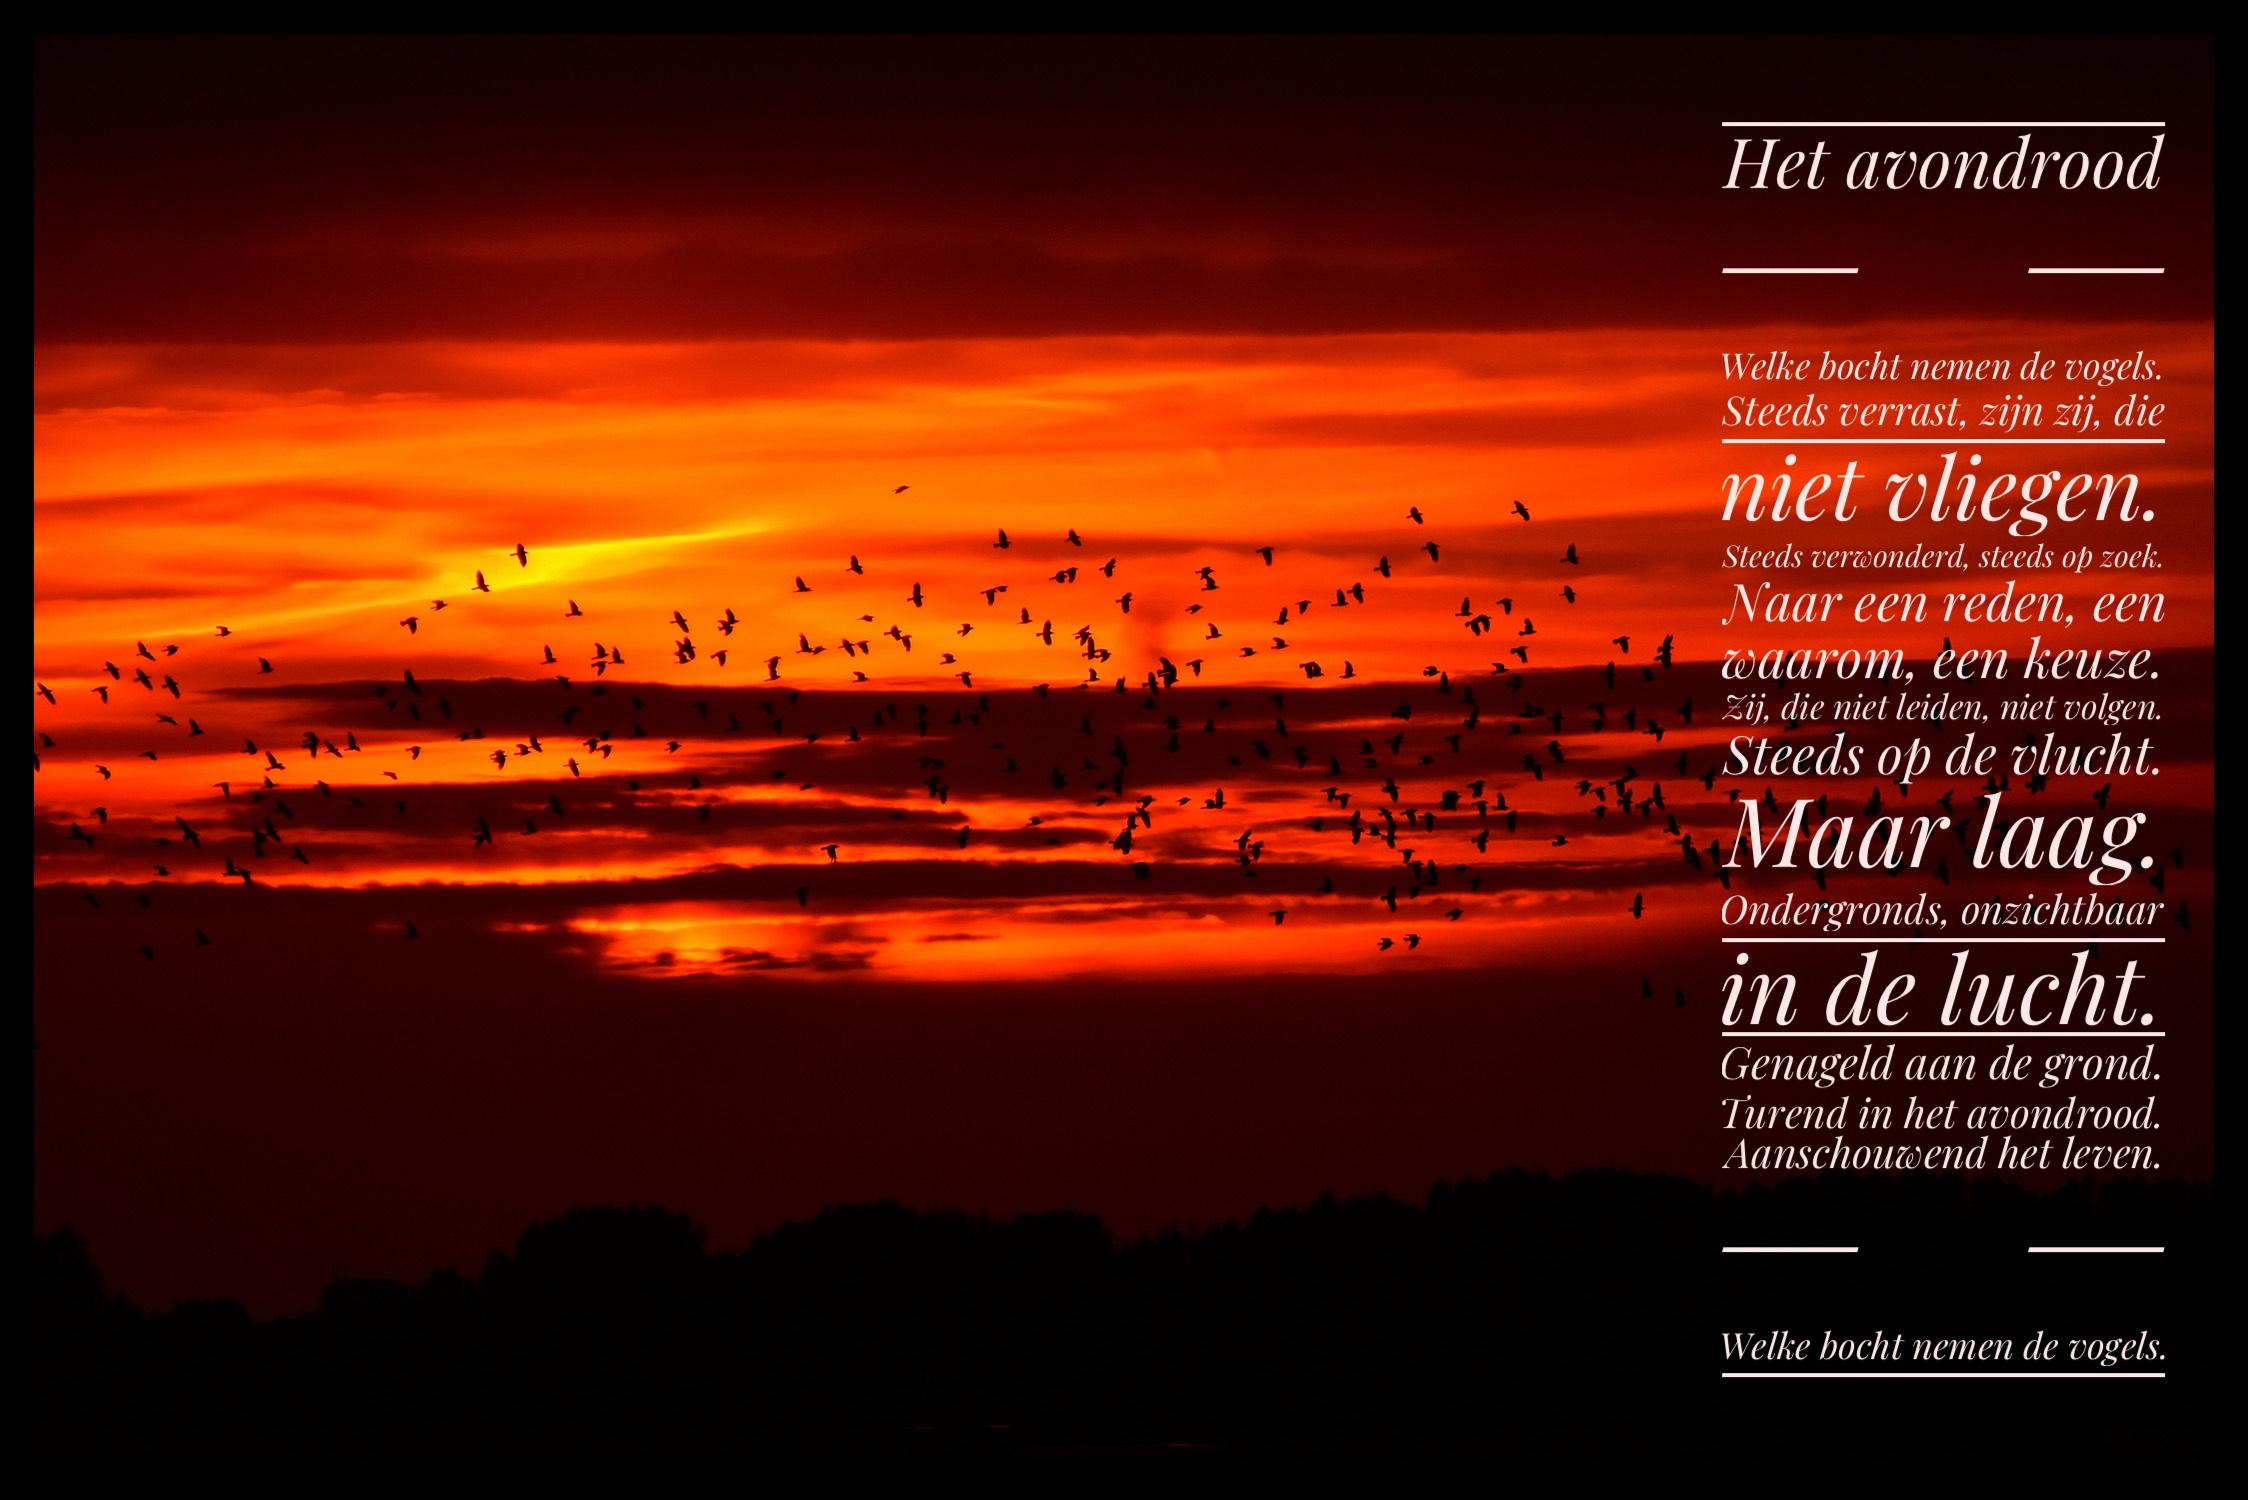 Vogels vliegen door het avondrood - Foto: ©Louis fraanje en tekst: ©Patrick Bervoets